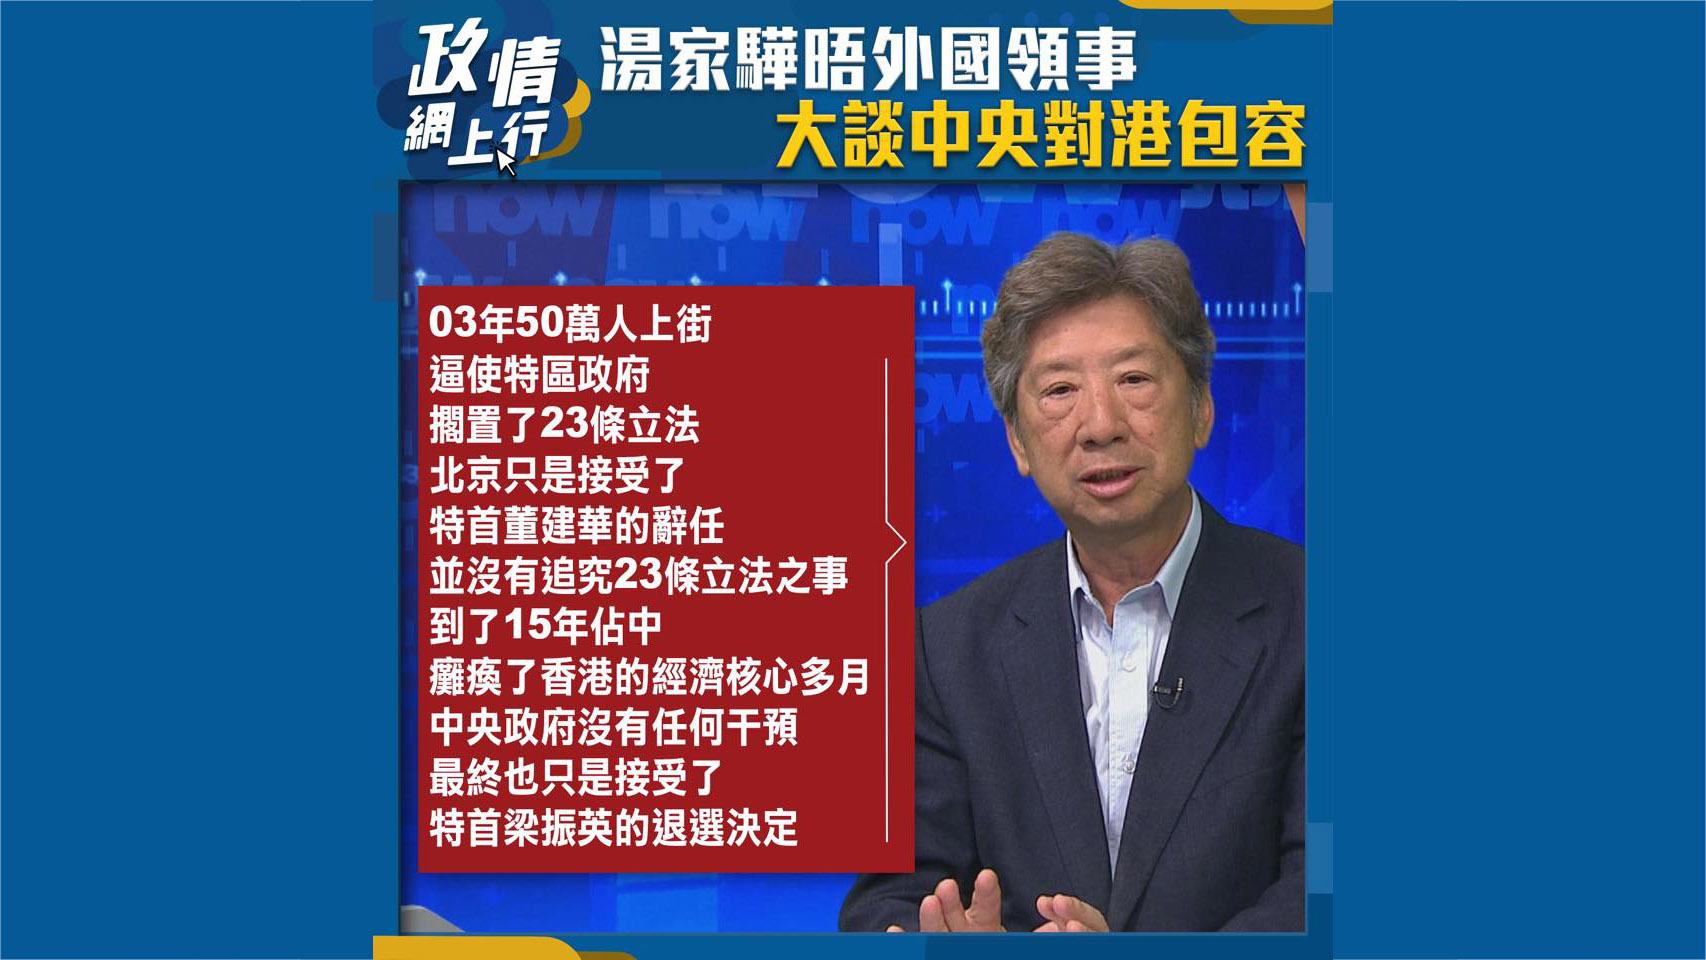 【政情網上行】湯家驊晤外國領事大談中央對港包容